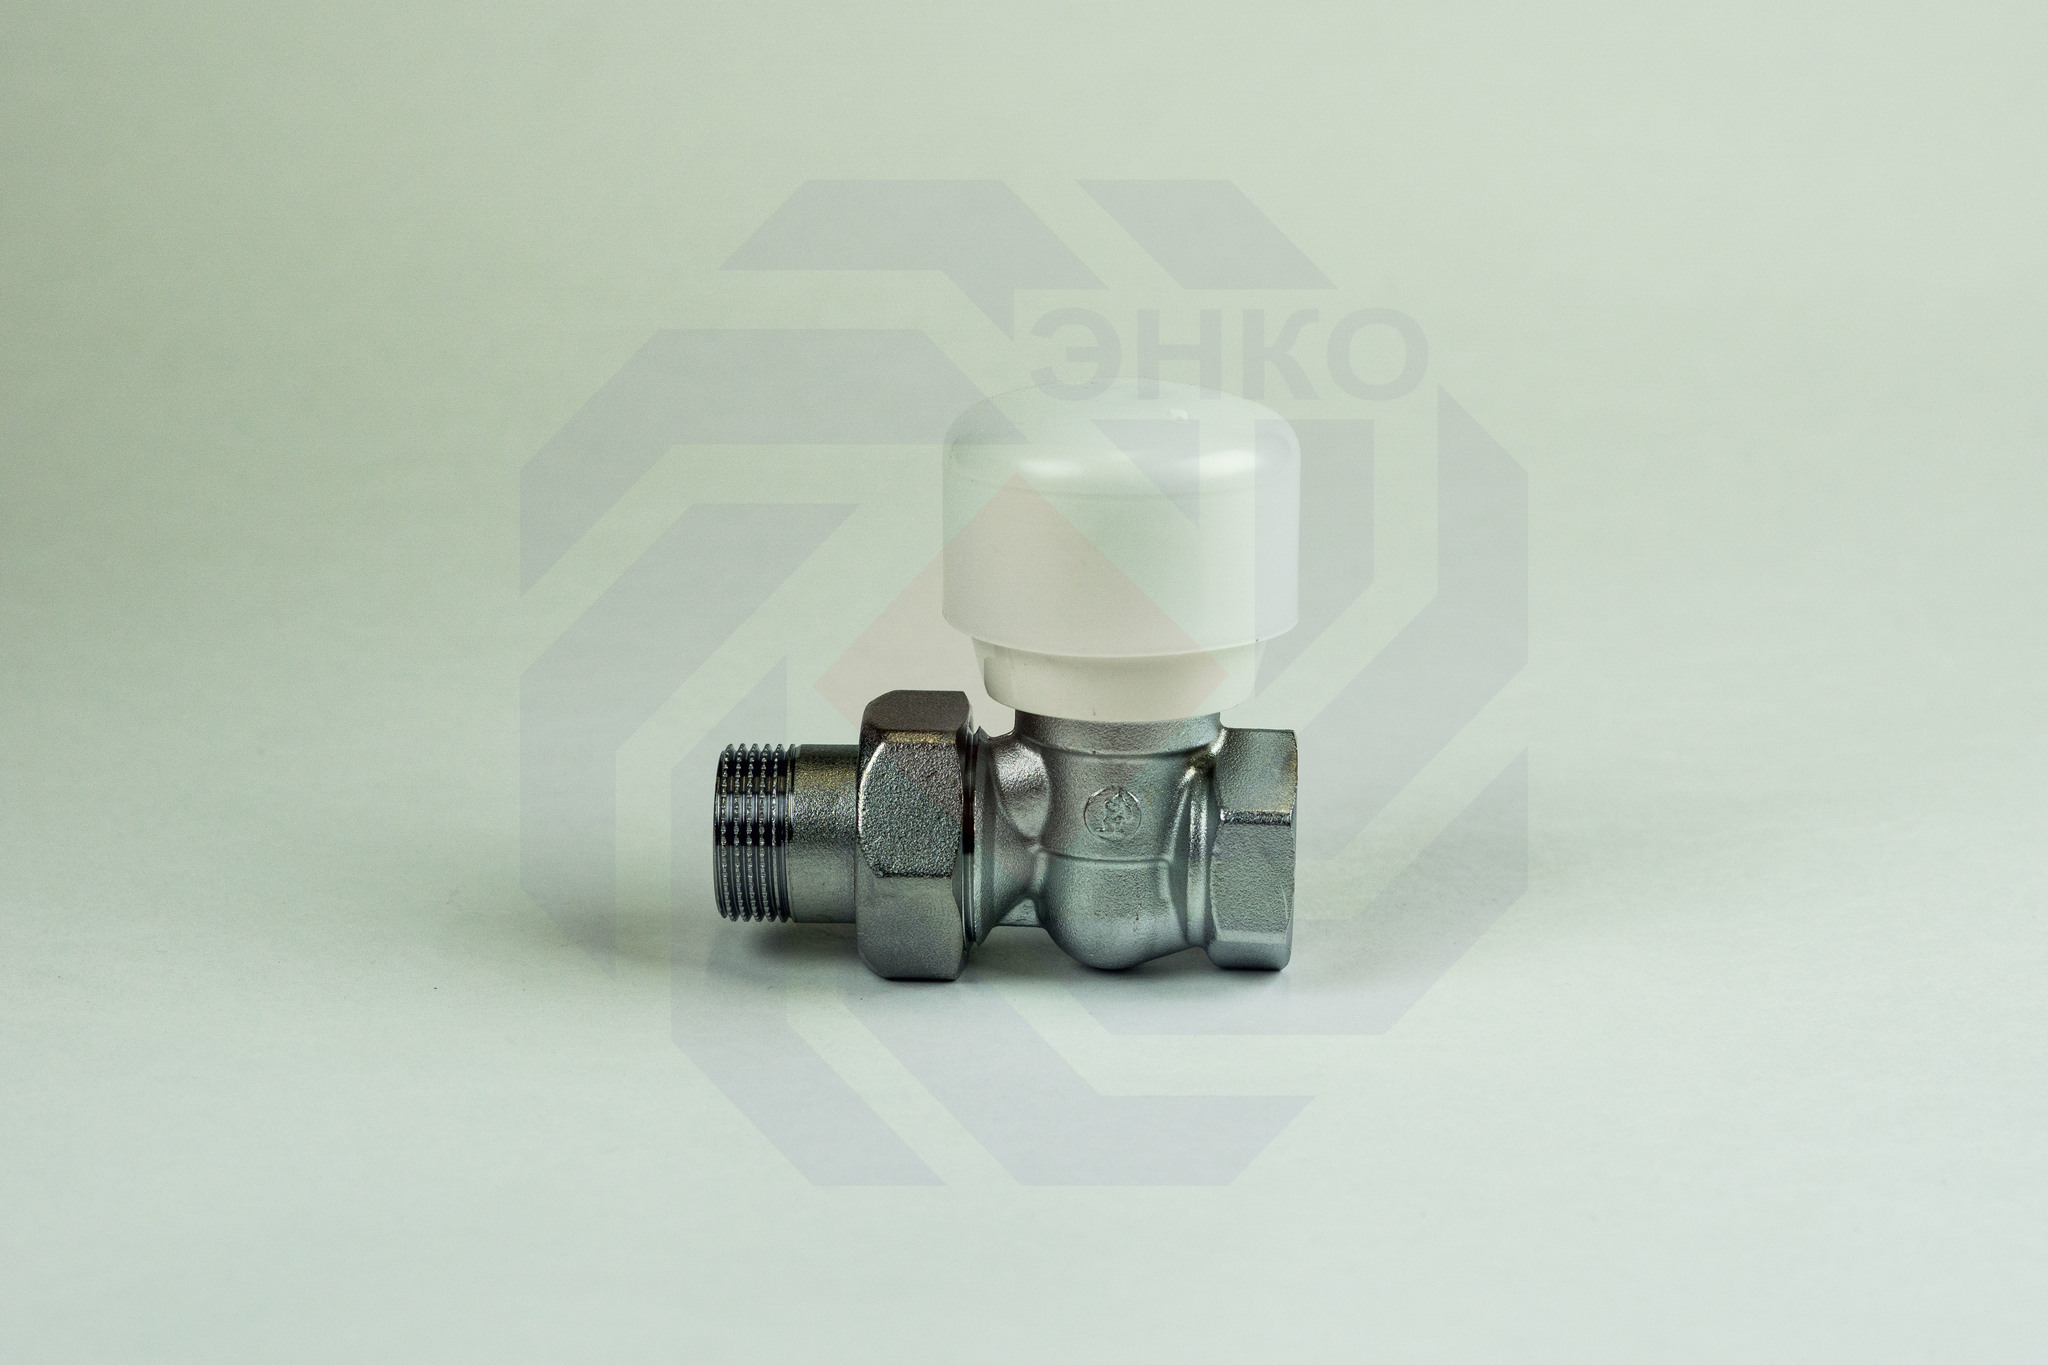 Клапан радиаторный ручной GIACOMINI R6TG прямой ¾